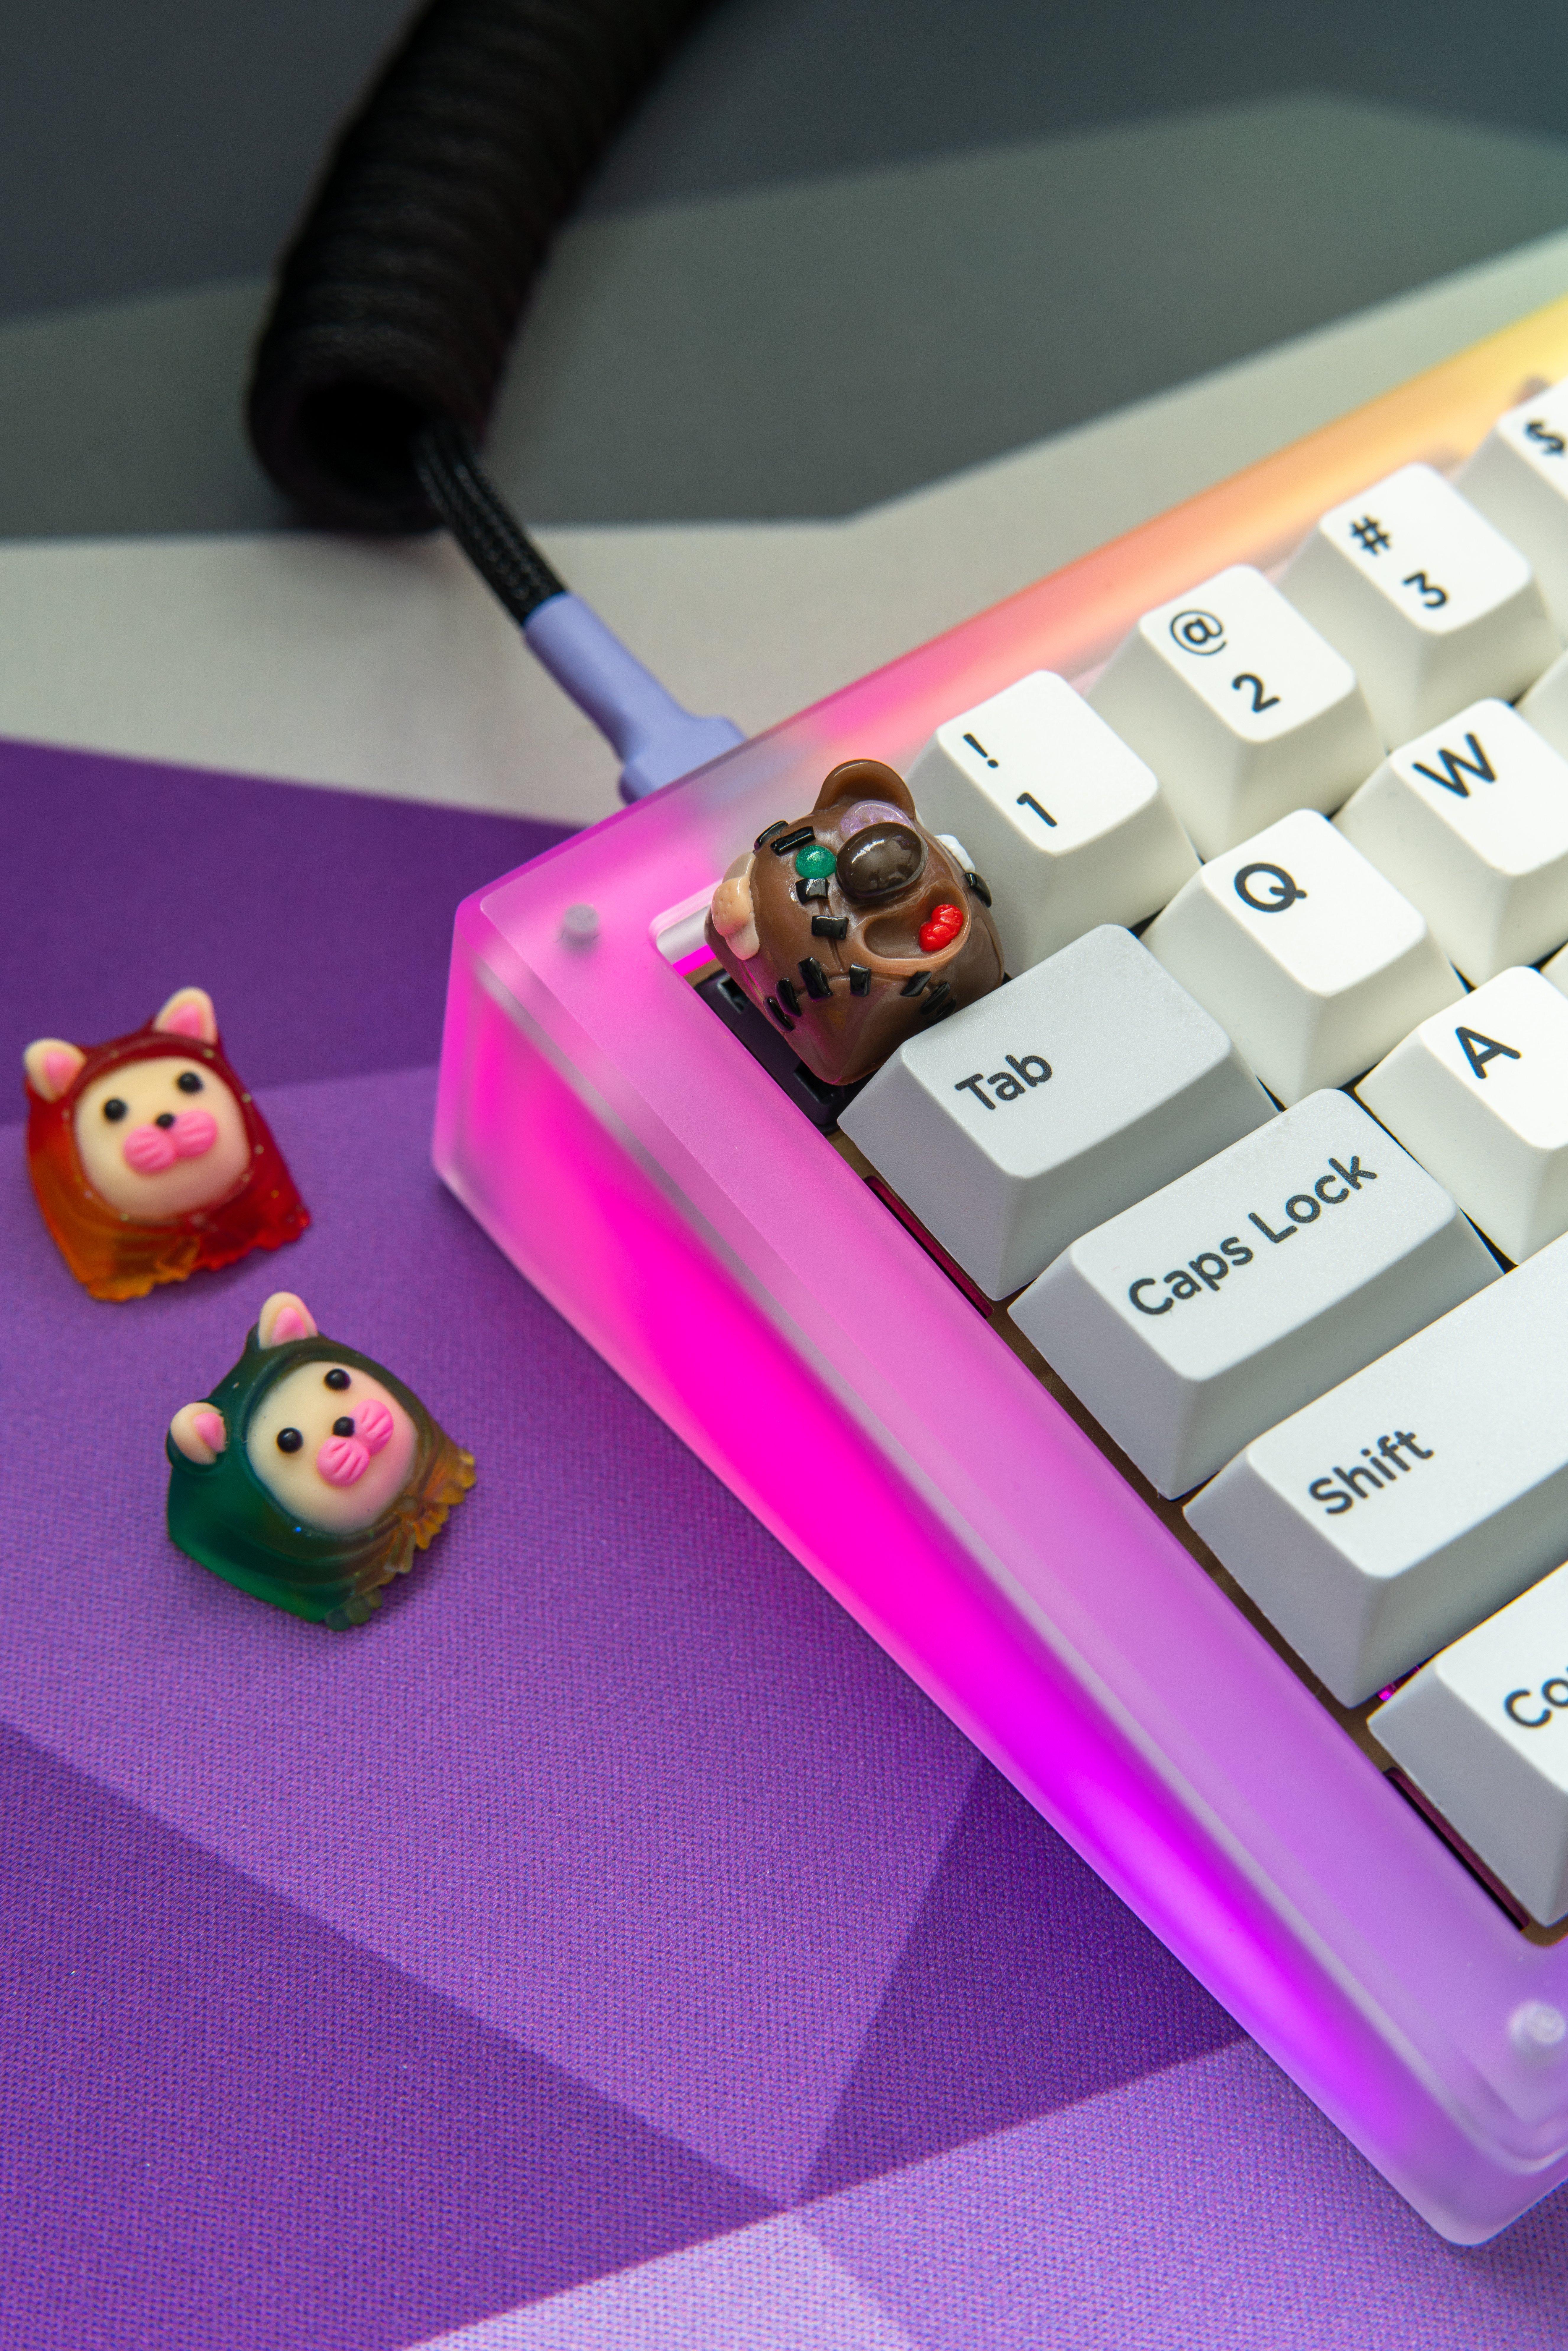 battlebear keycap